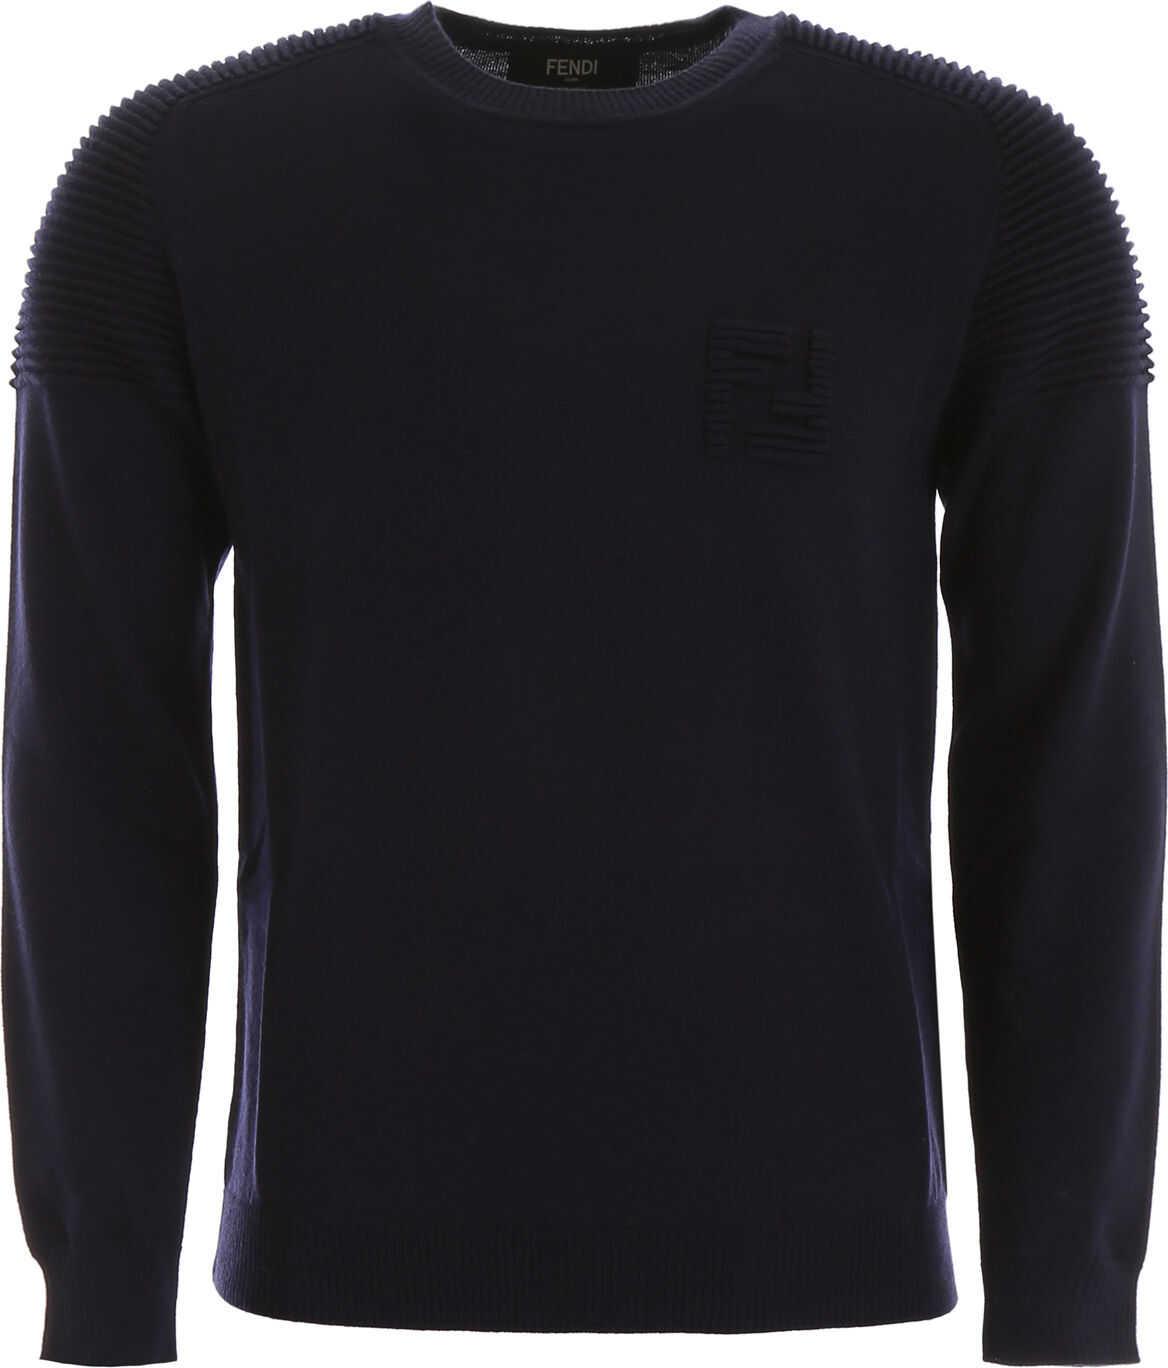 Fendi Pullover With Ff Logo DARK BLU